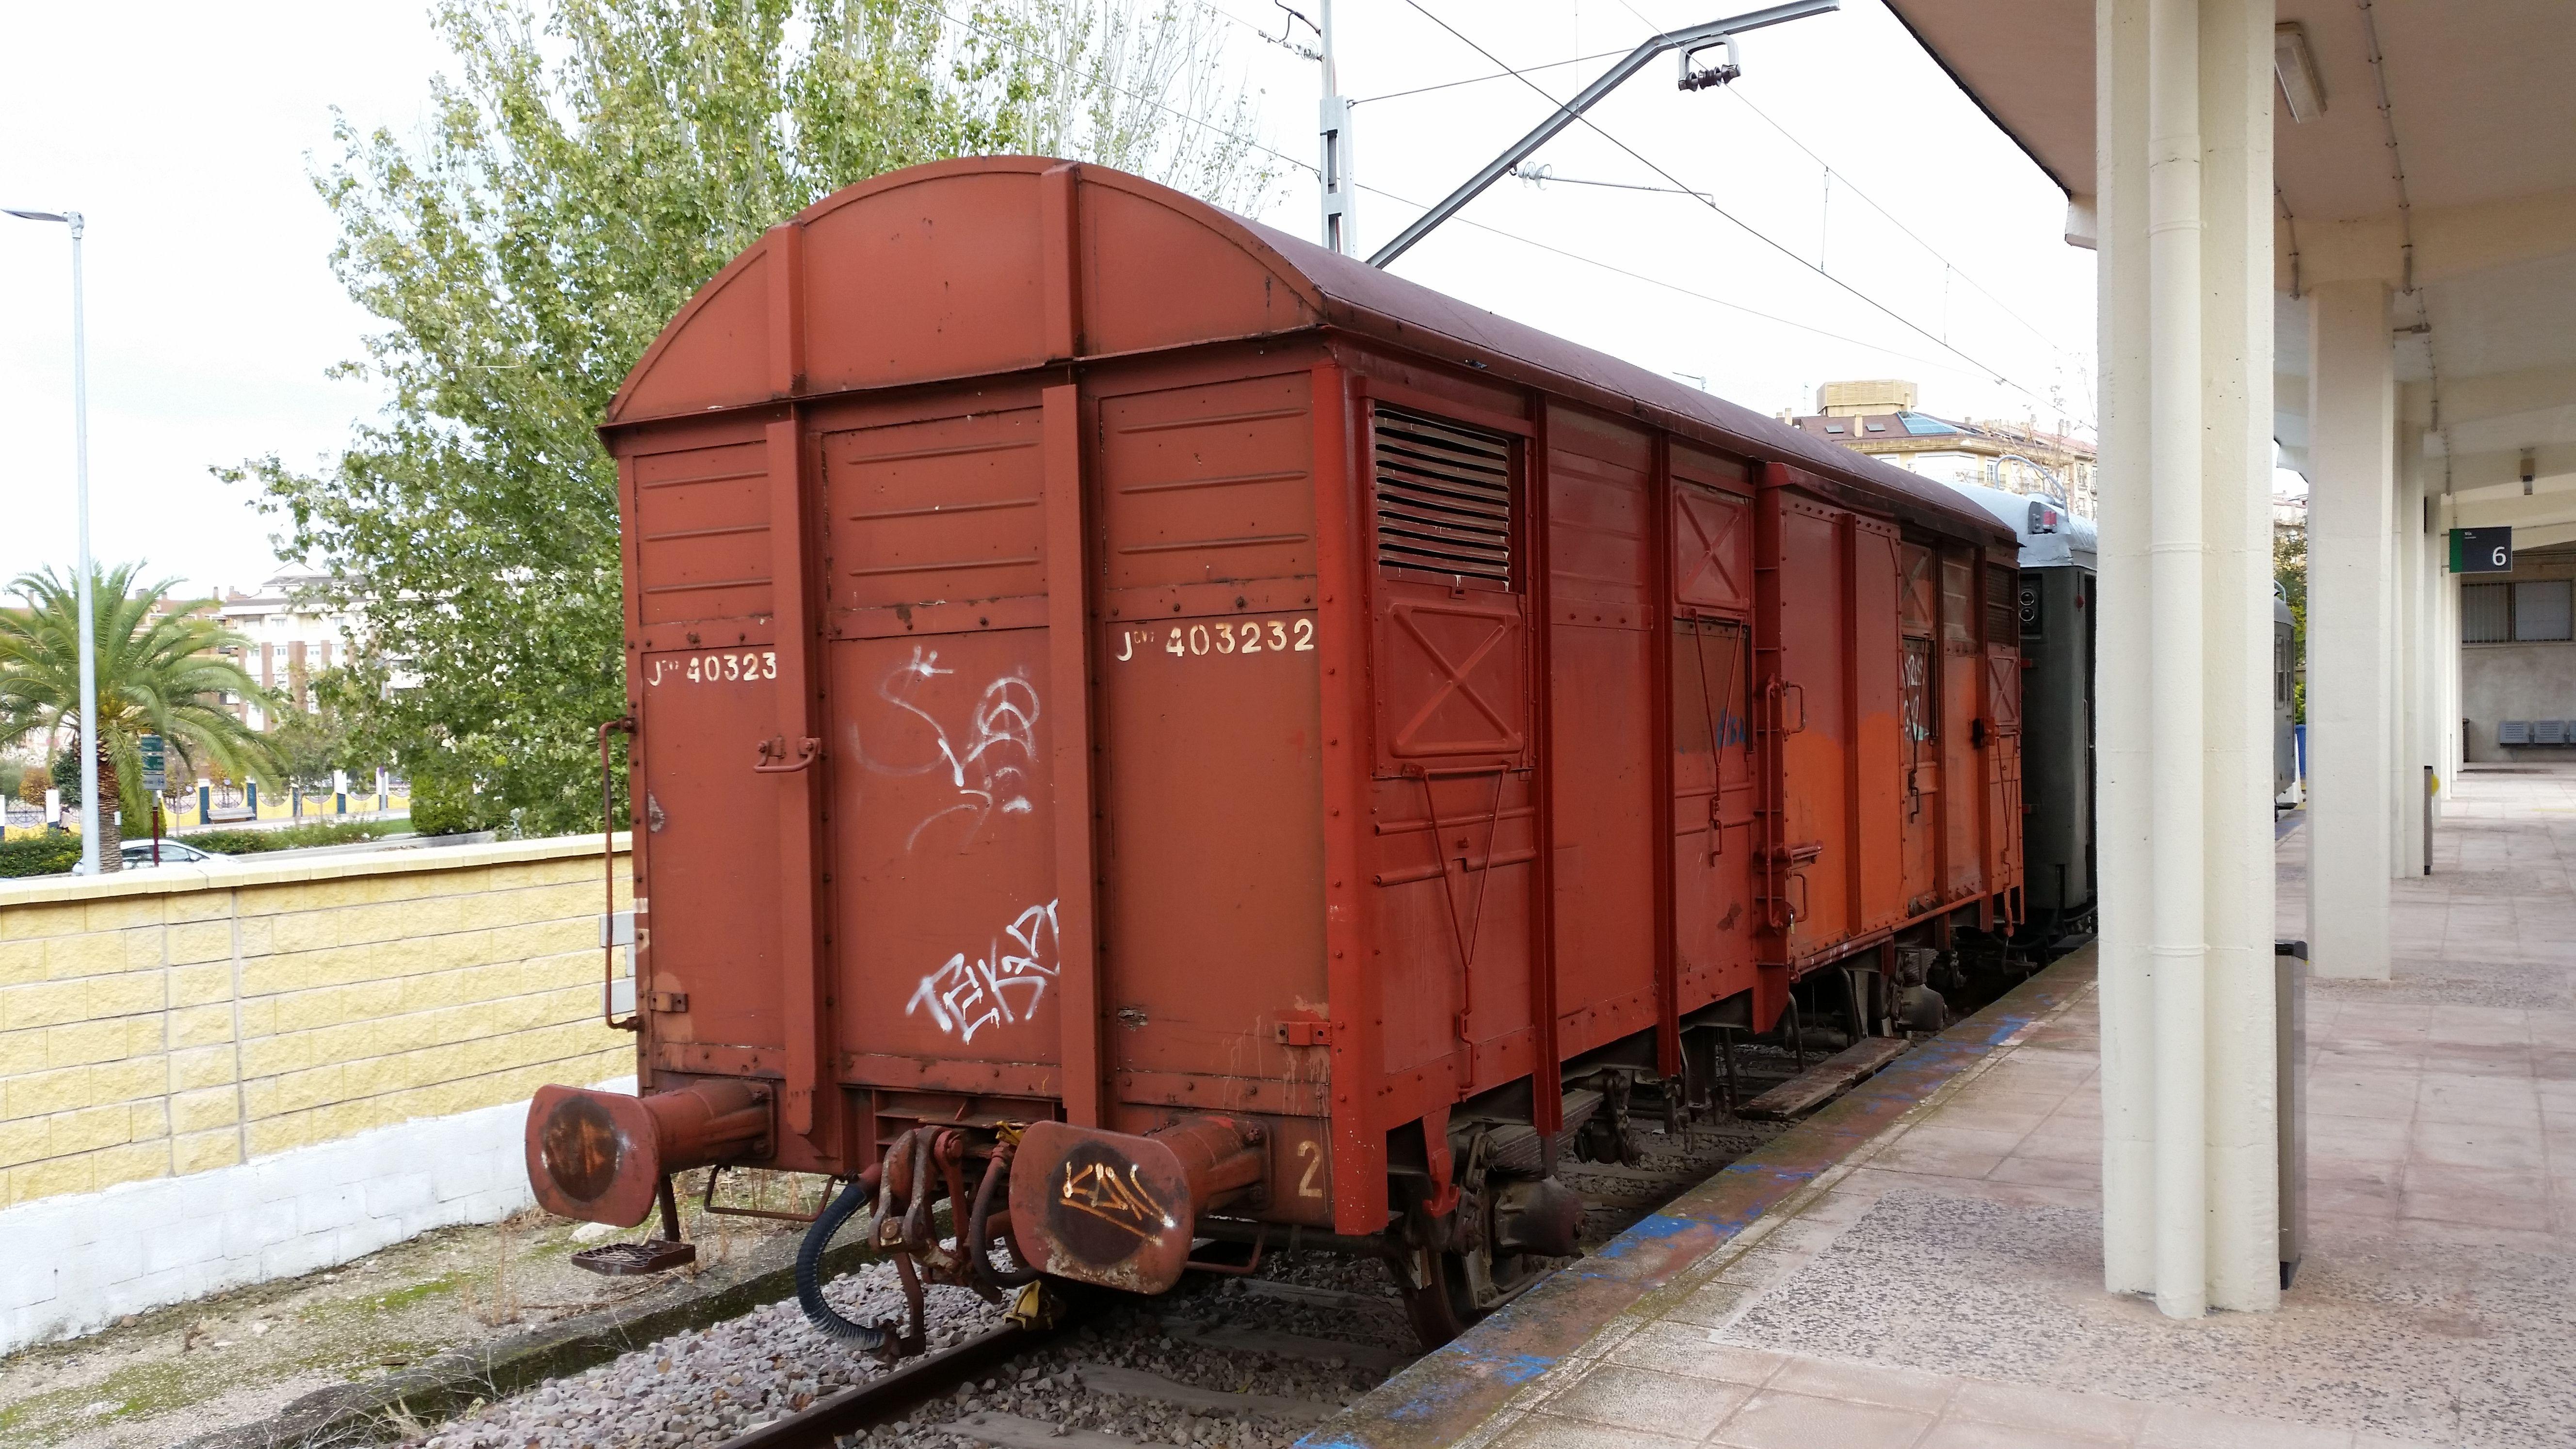 vagones históricos en la estación de ferrocarril de Jaén